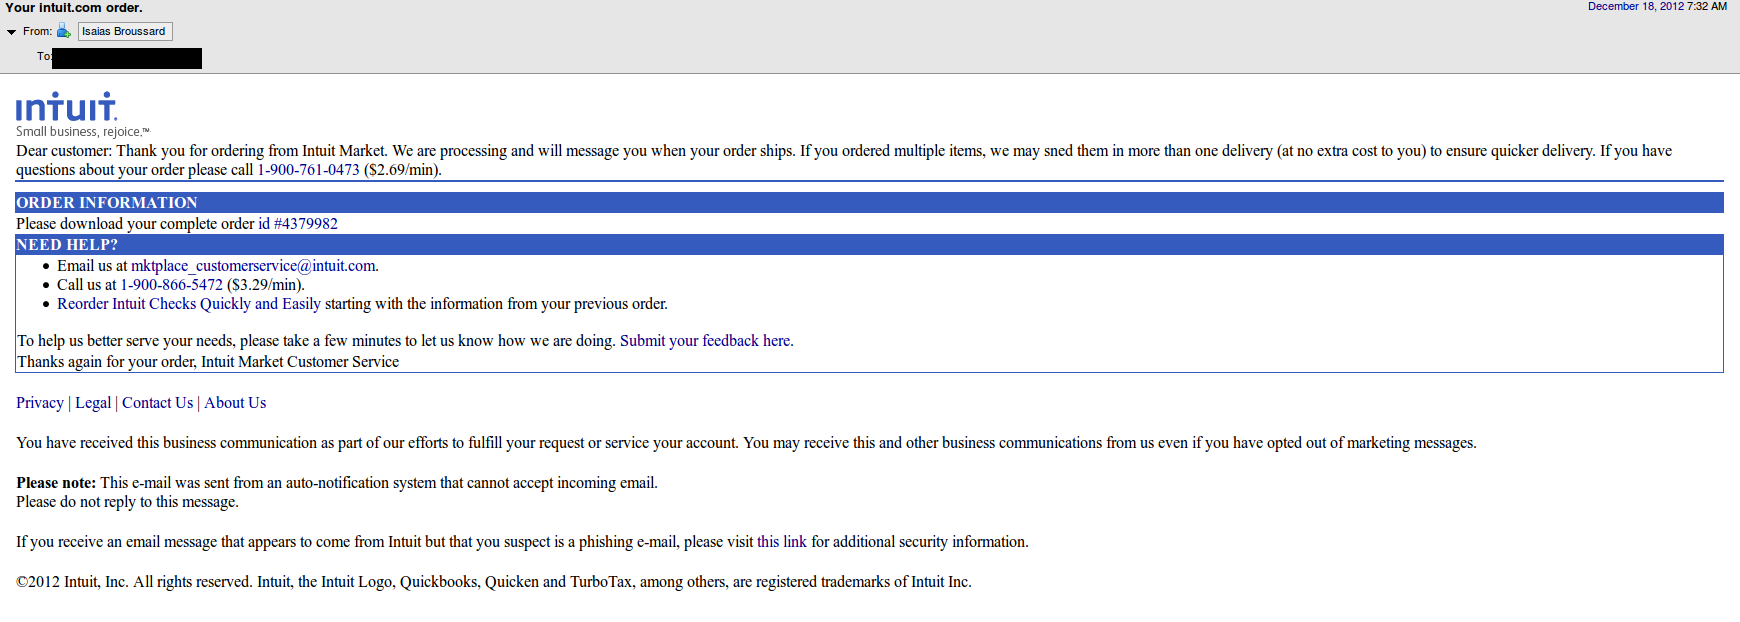 intuit-spam